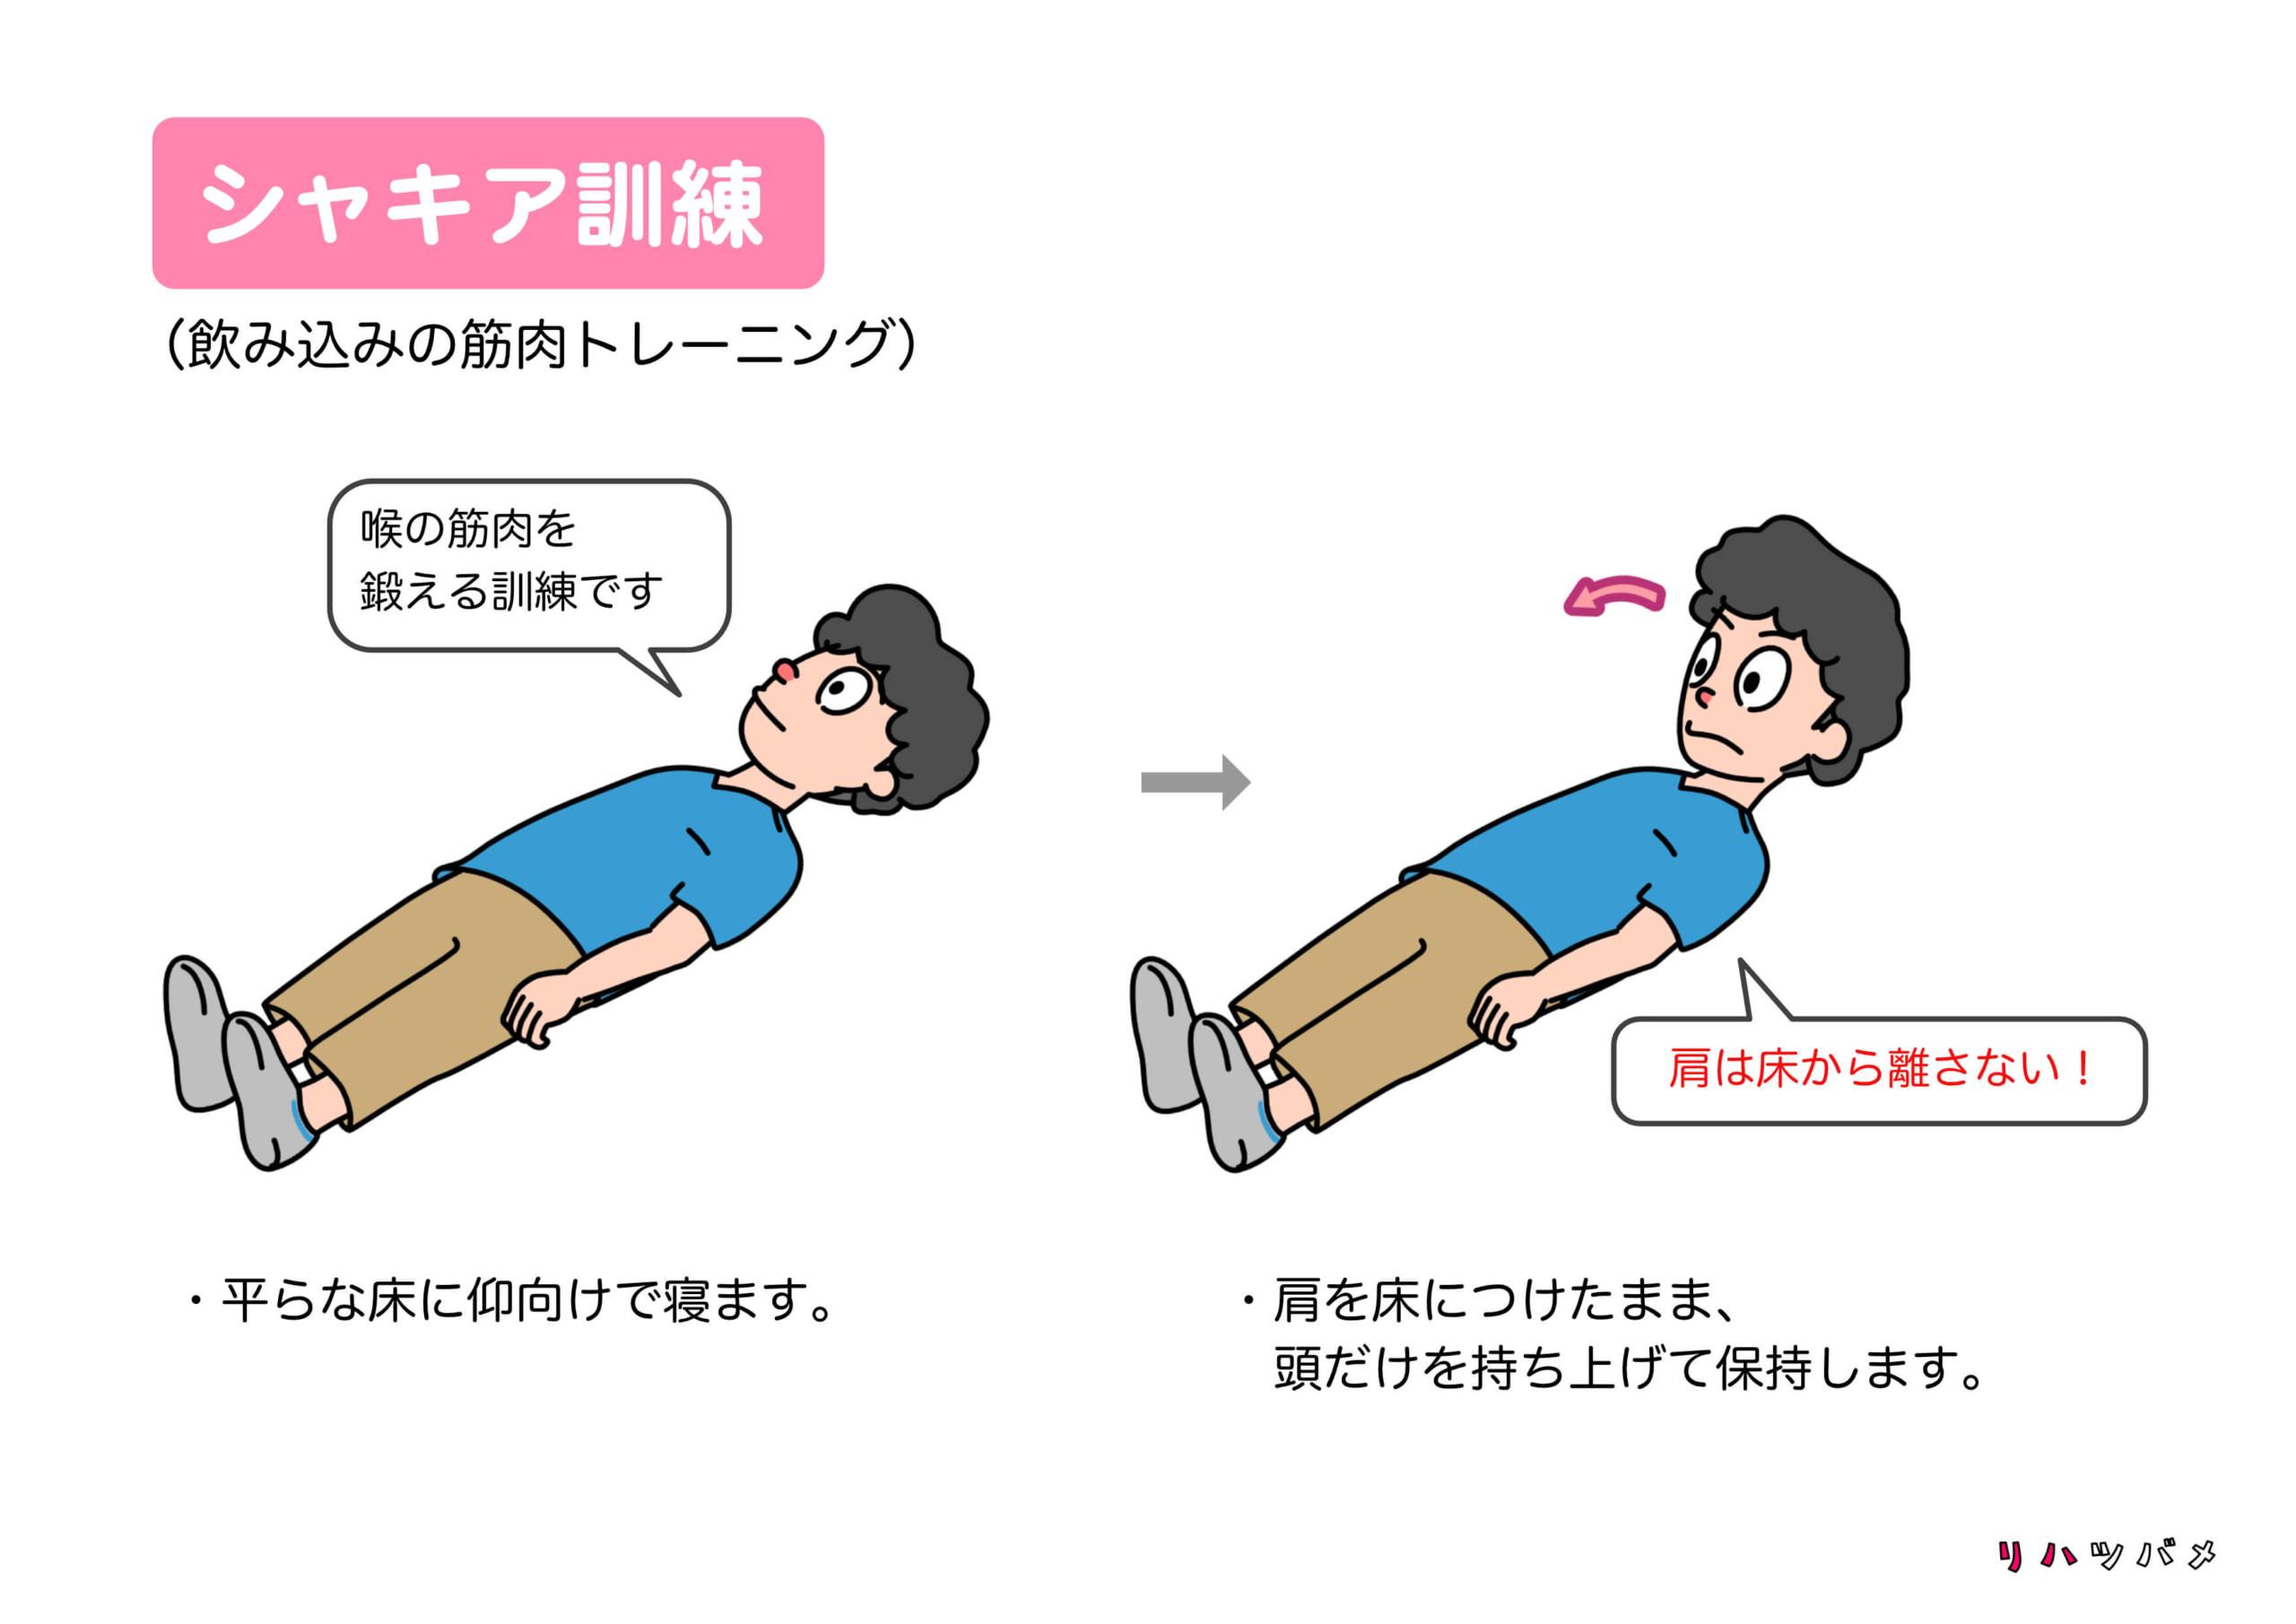 shaker-exercise-print